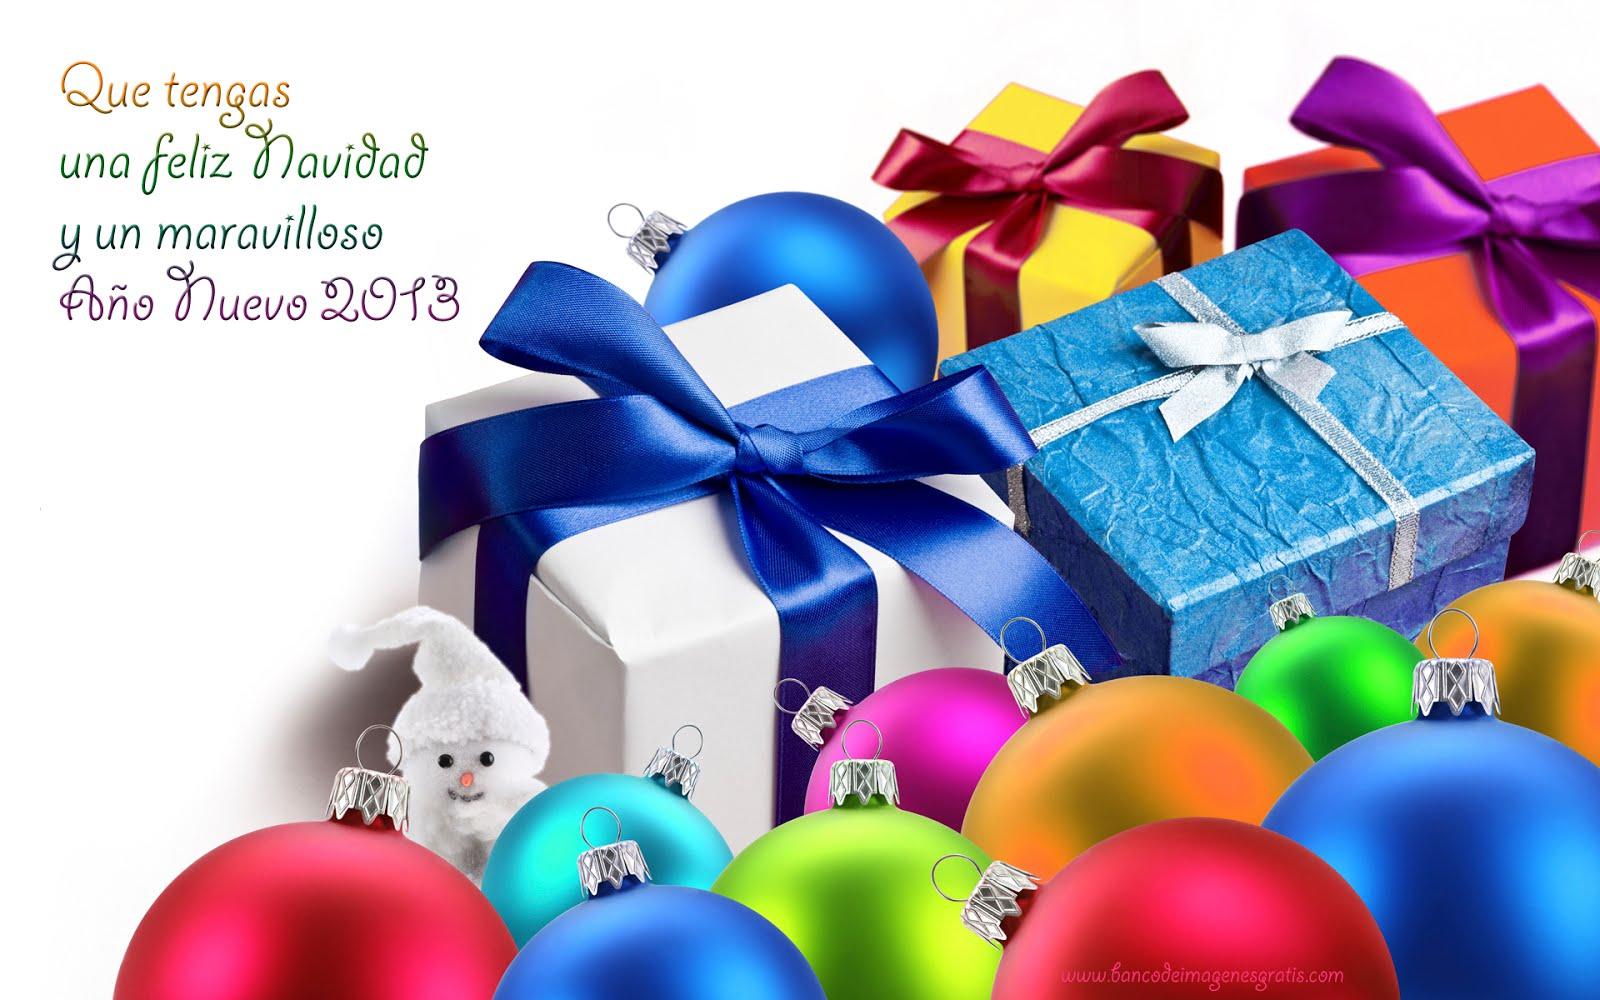 Fondos y wallpapers para navidad y a o nuevo 2013 mensajes - Mensajes para navidad y ano nuevo ...